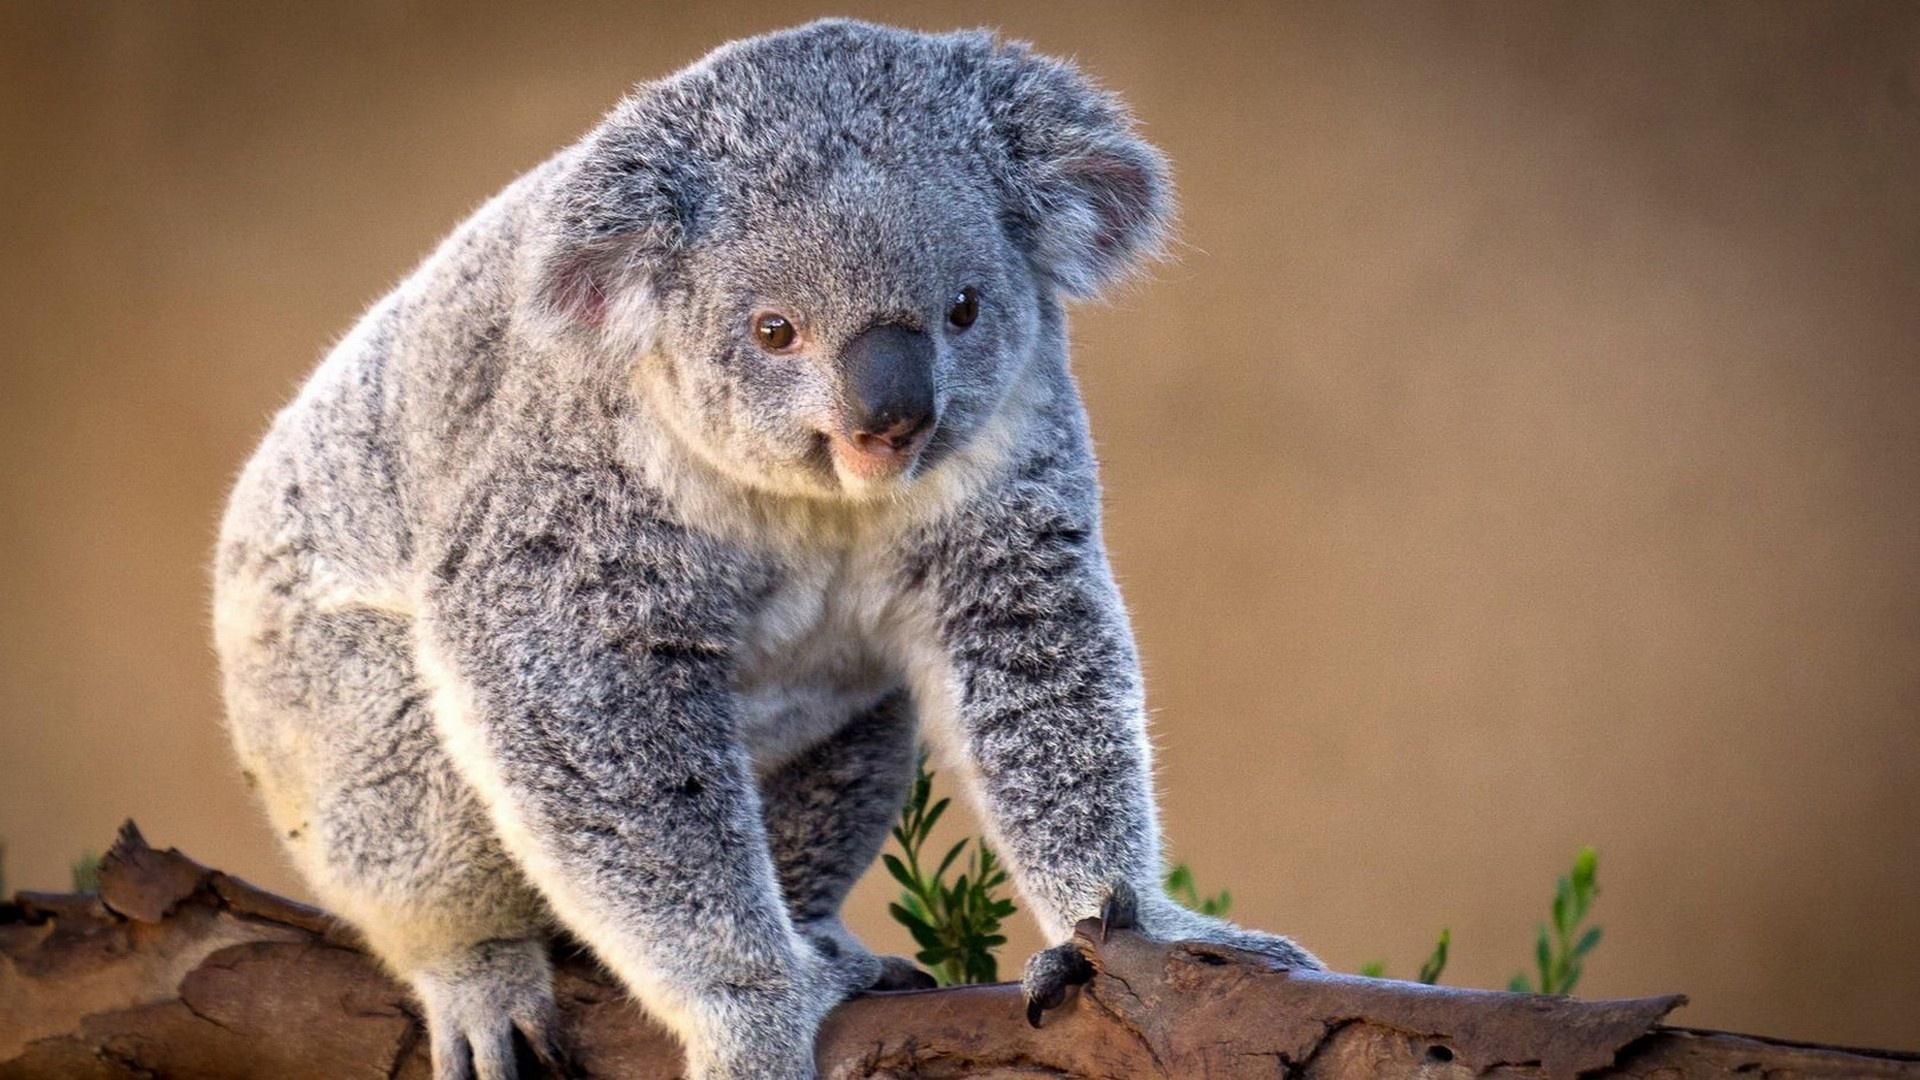 Koala Wallpaper 1920x1080px #837320